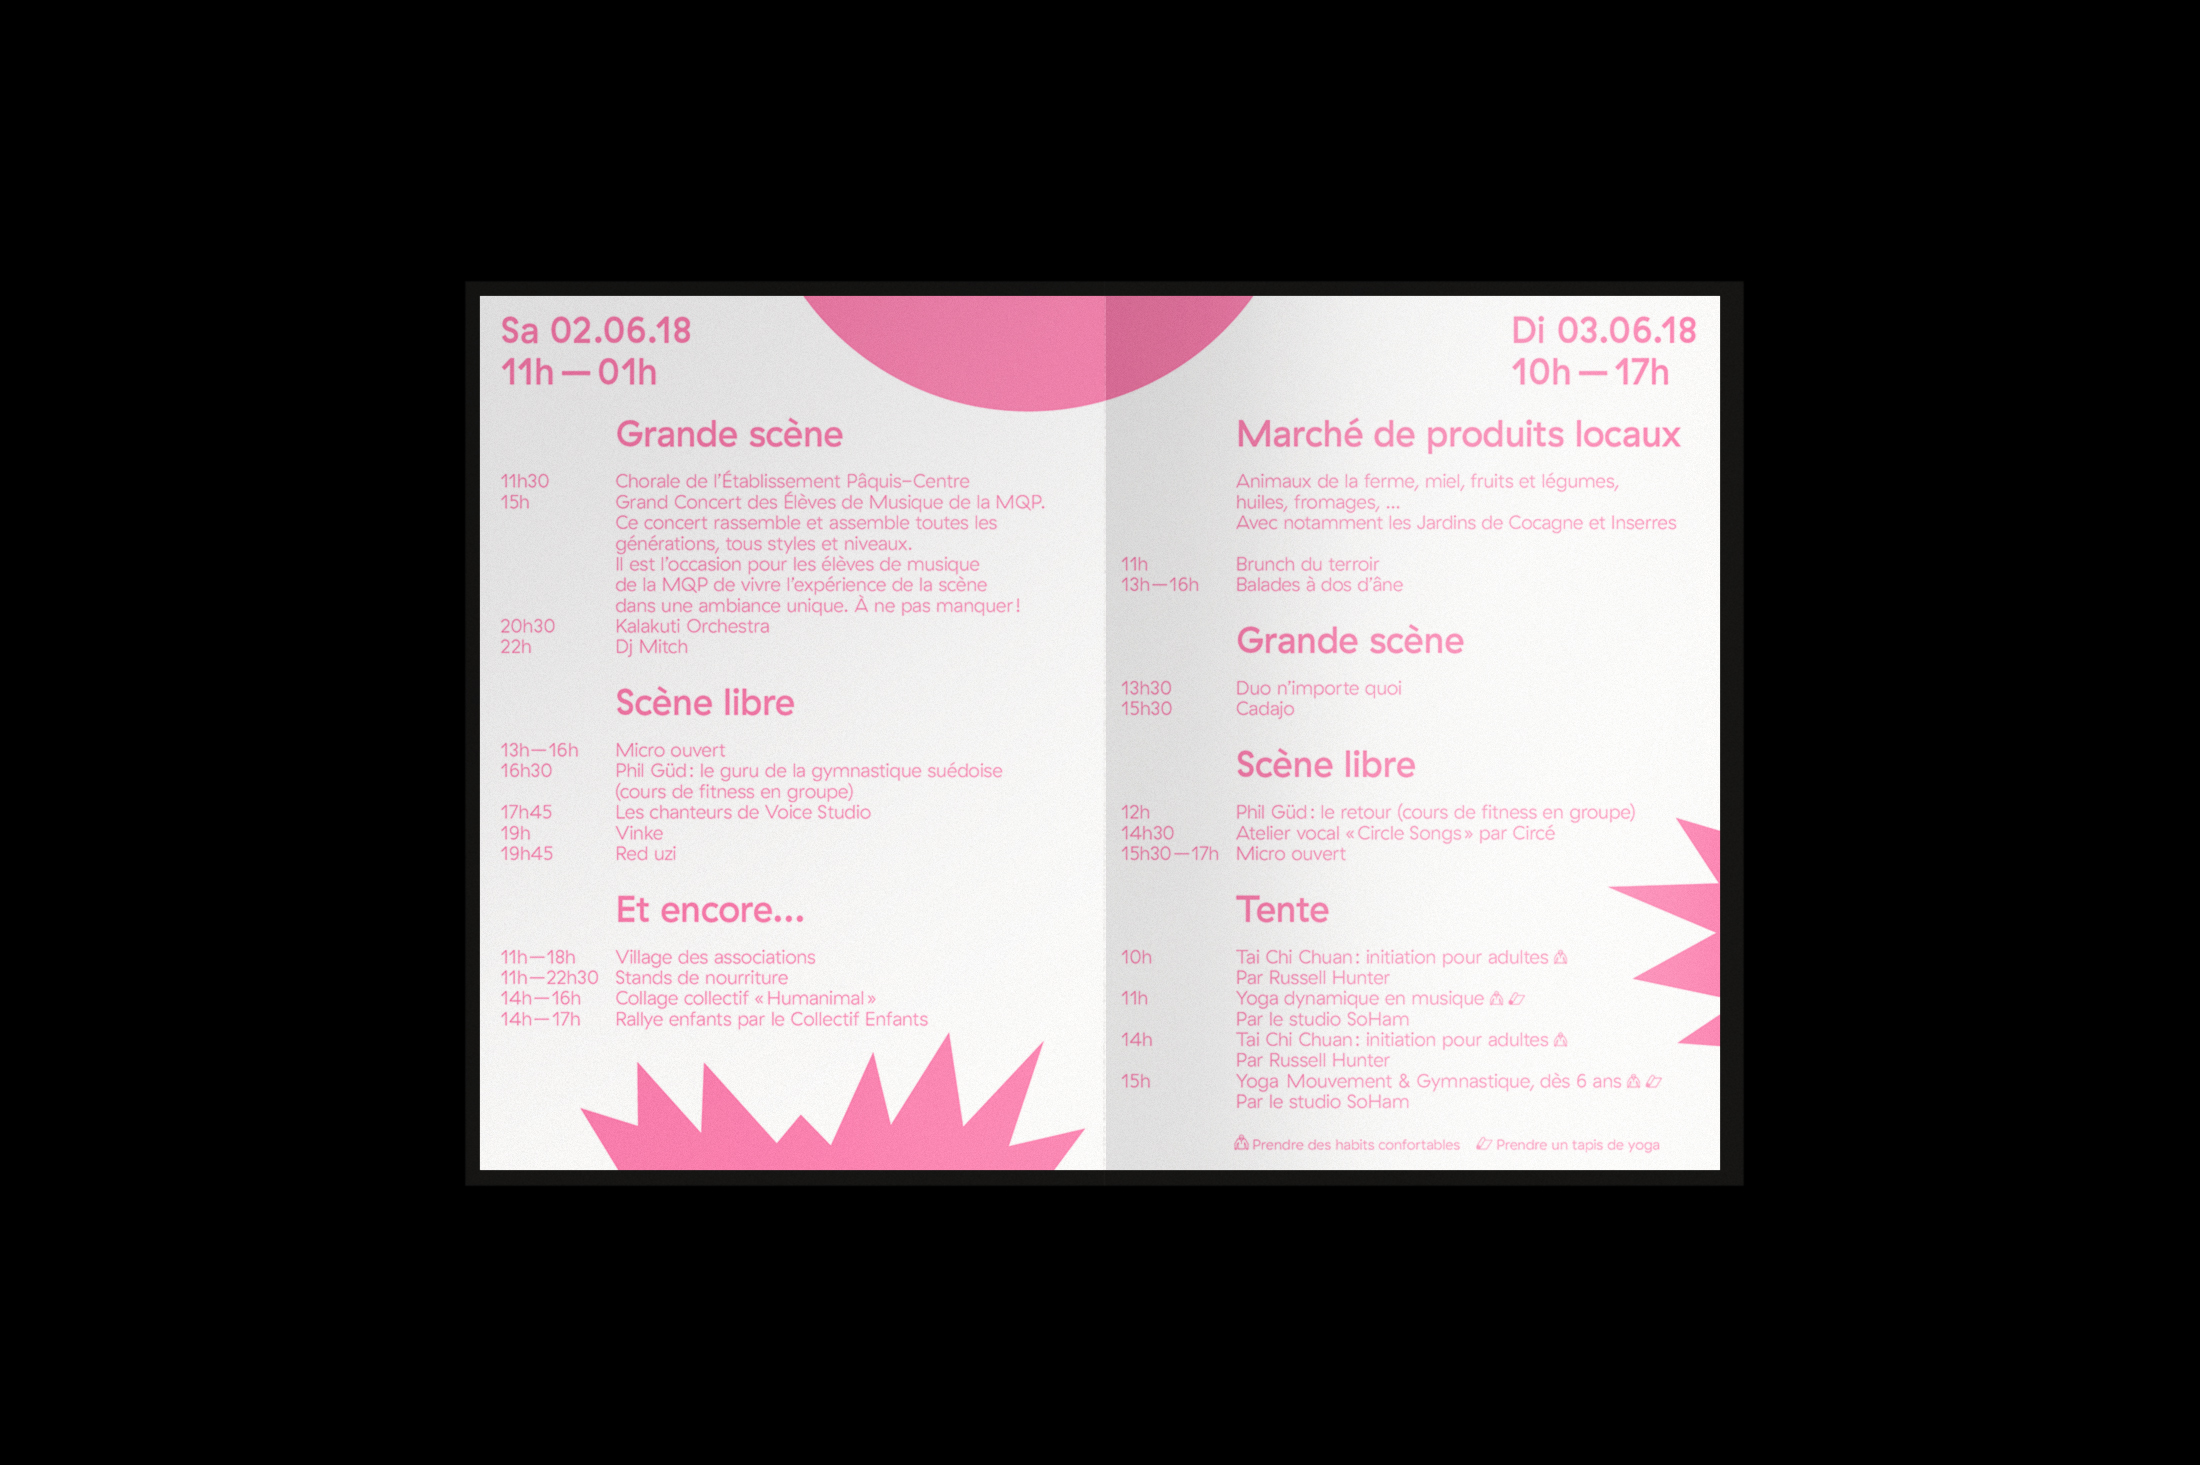 Graphisme graphic design graphique affiche poster swissposter culture culturel promotion fête du quartier des paquis  dépliant